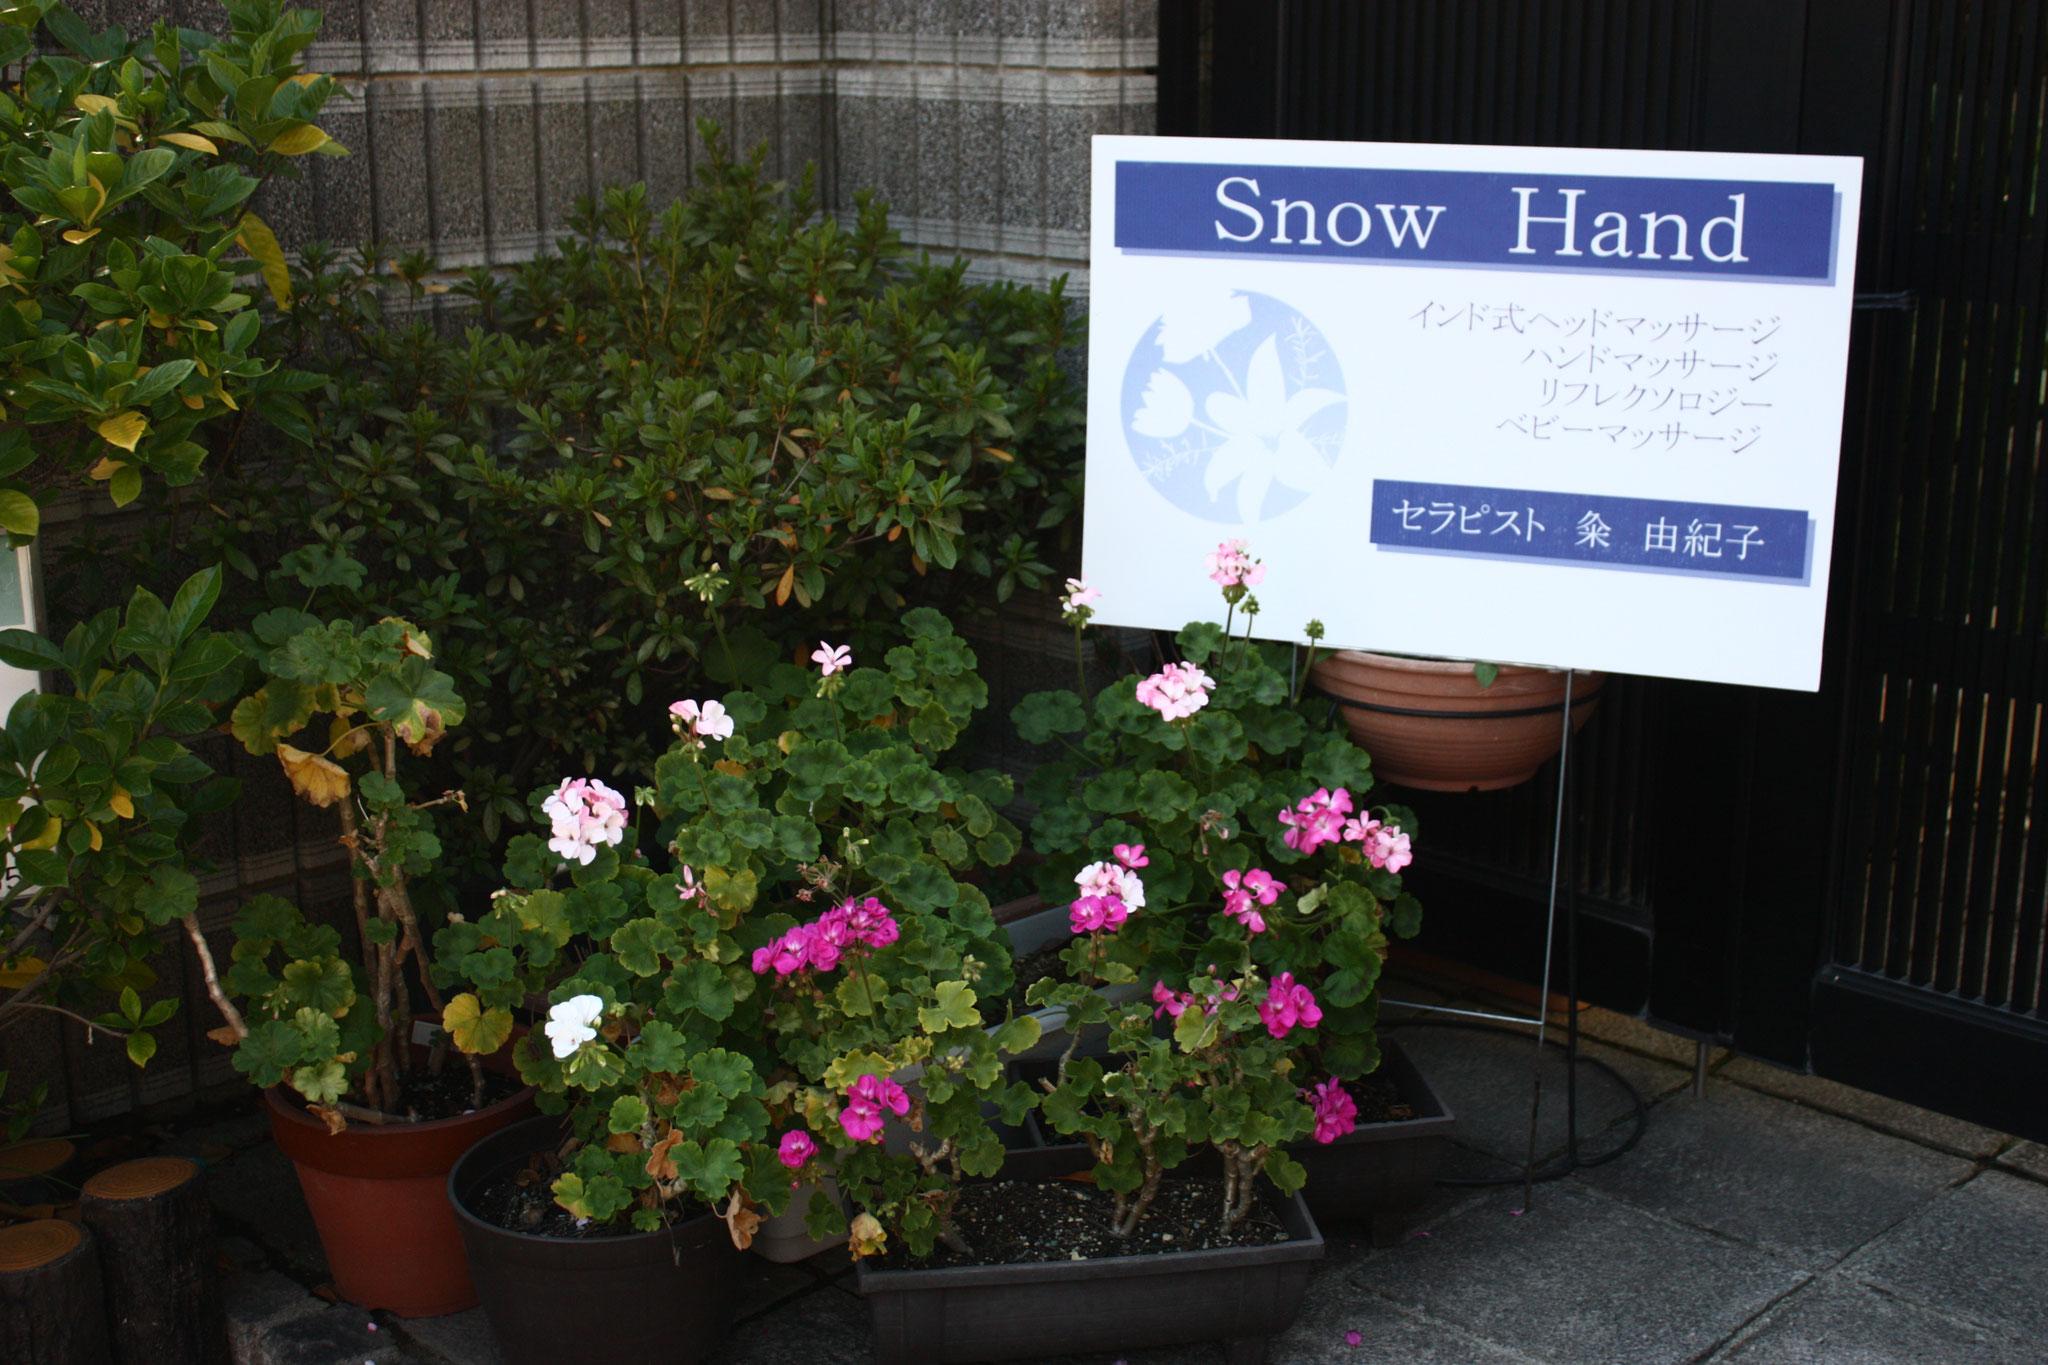 Snow Handの看板が目印